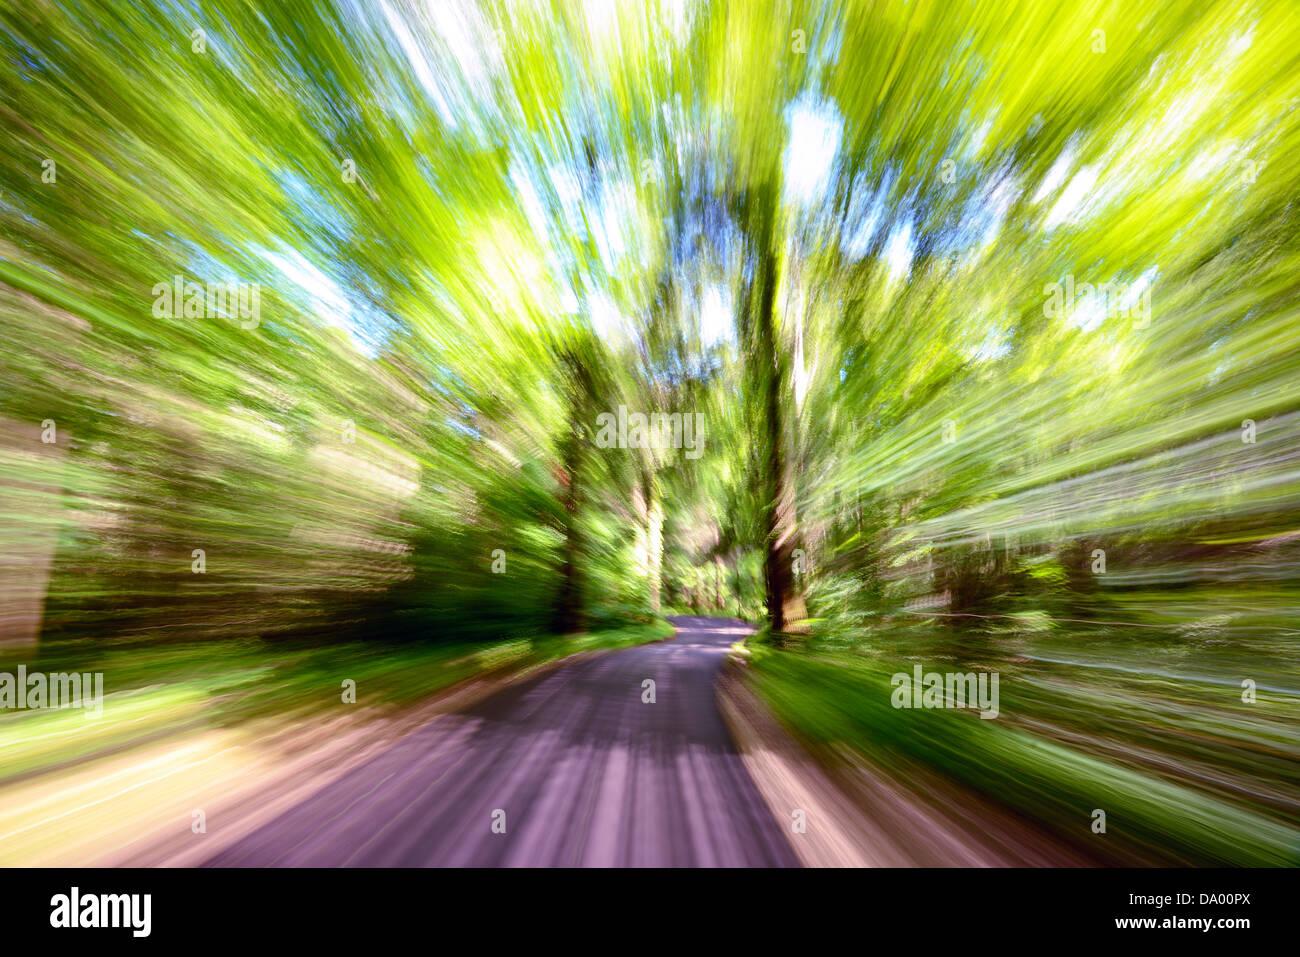 Desenfoque de movimiento en un camino forestal Imagen De Stock